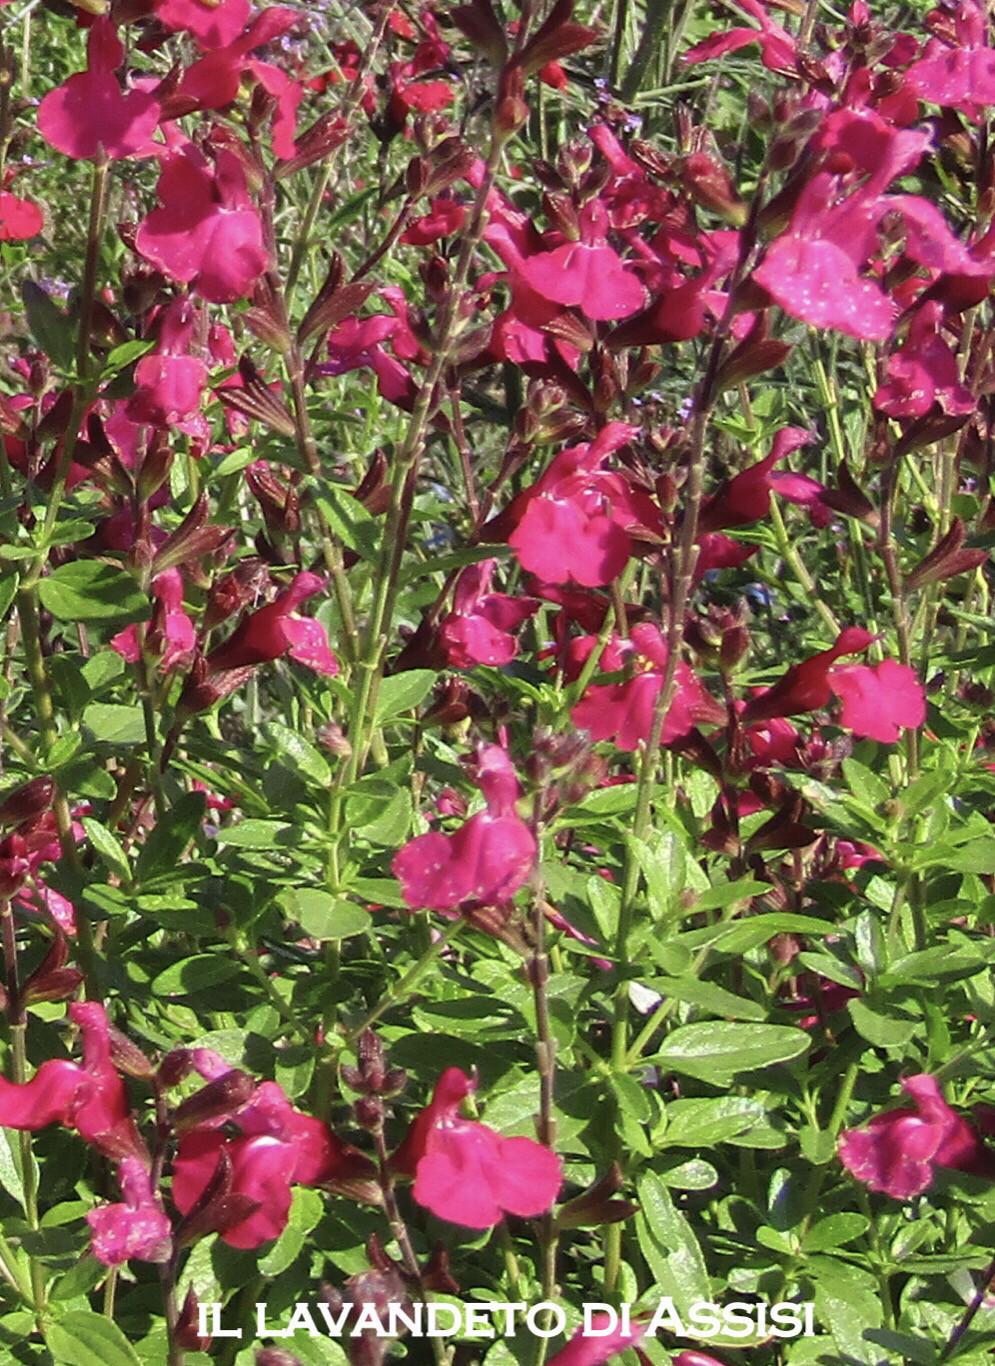 """Salvia """" Puebla Rose"""" (14 Cm) Ordinare dal sito: https://www.illavandetodiassisi.com/catalogo-vendita-online.html"""